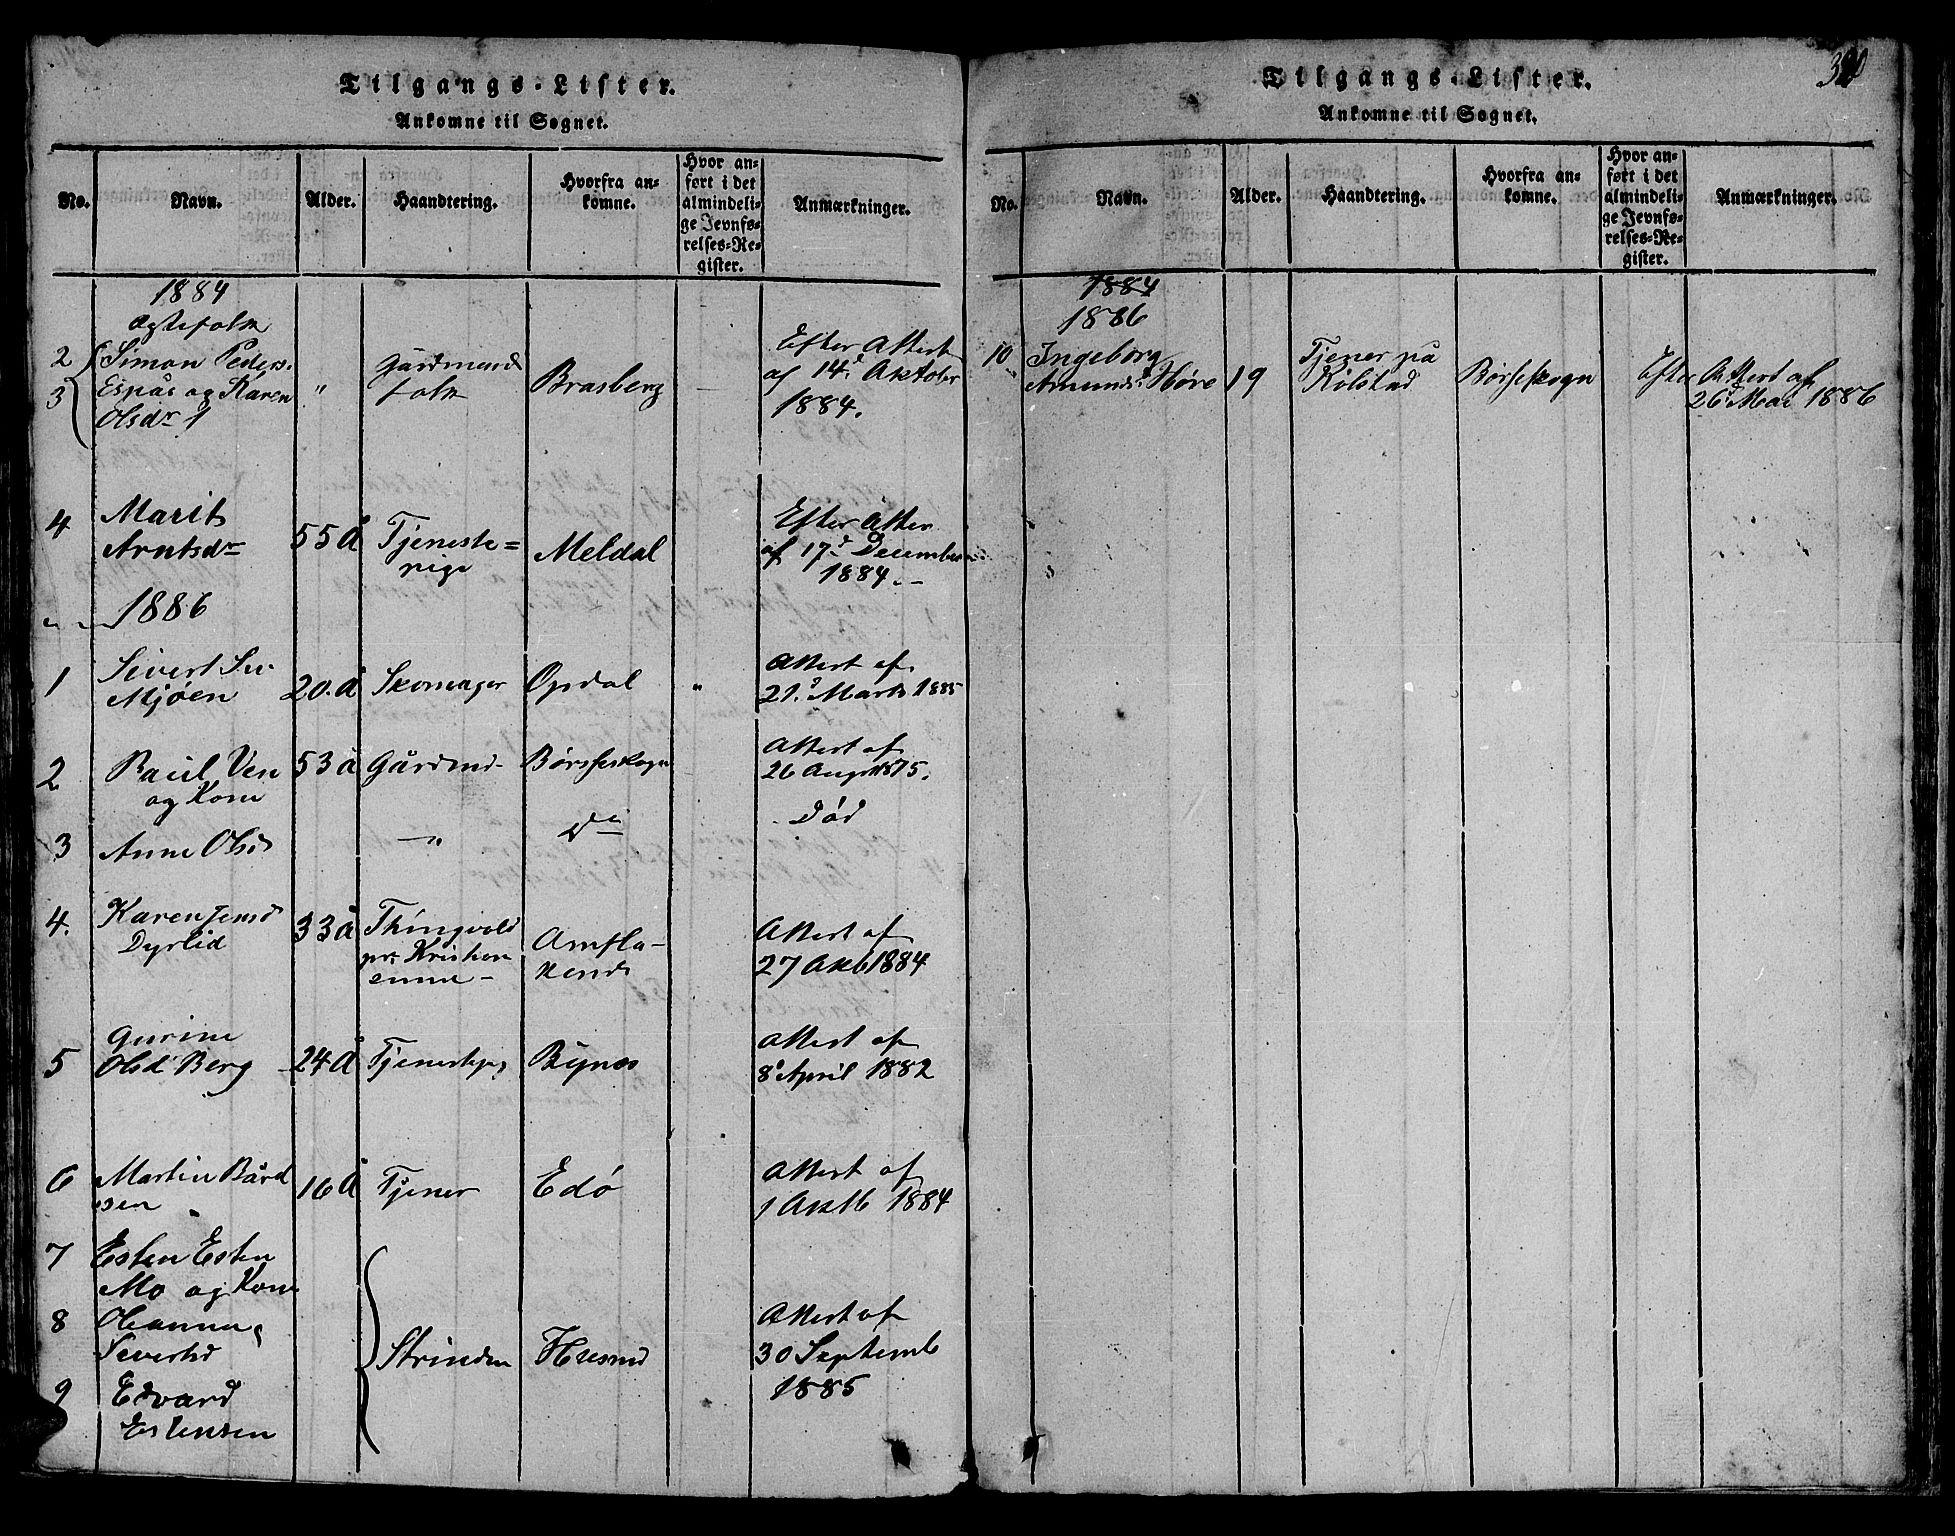 SAT, Ministerialprotokoller, klokkerbøker og fødselsregistre - Sør-Trøndelag, 613/L0393: Klokkerbok nr. 613C01, 1816-1886, s. 320